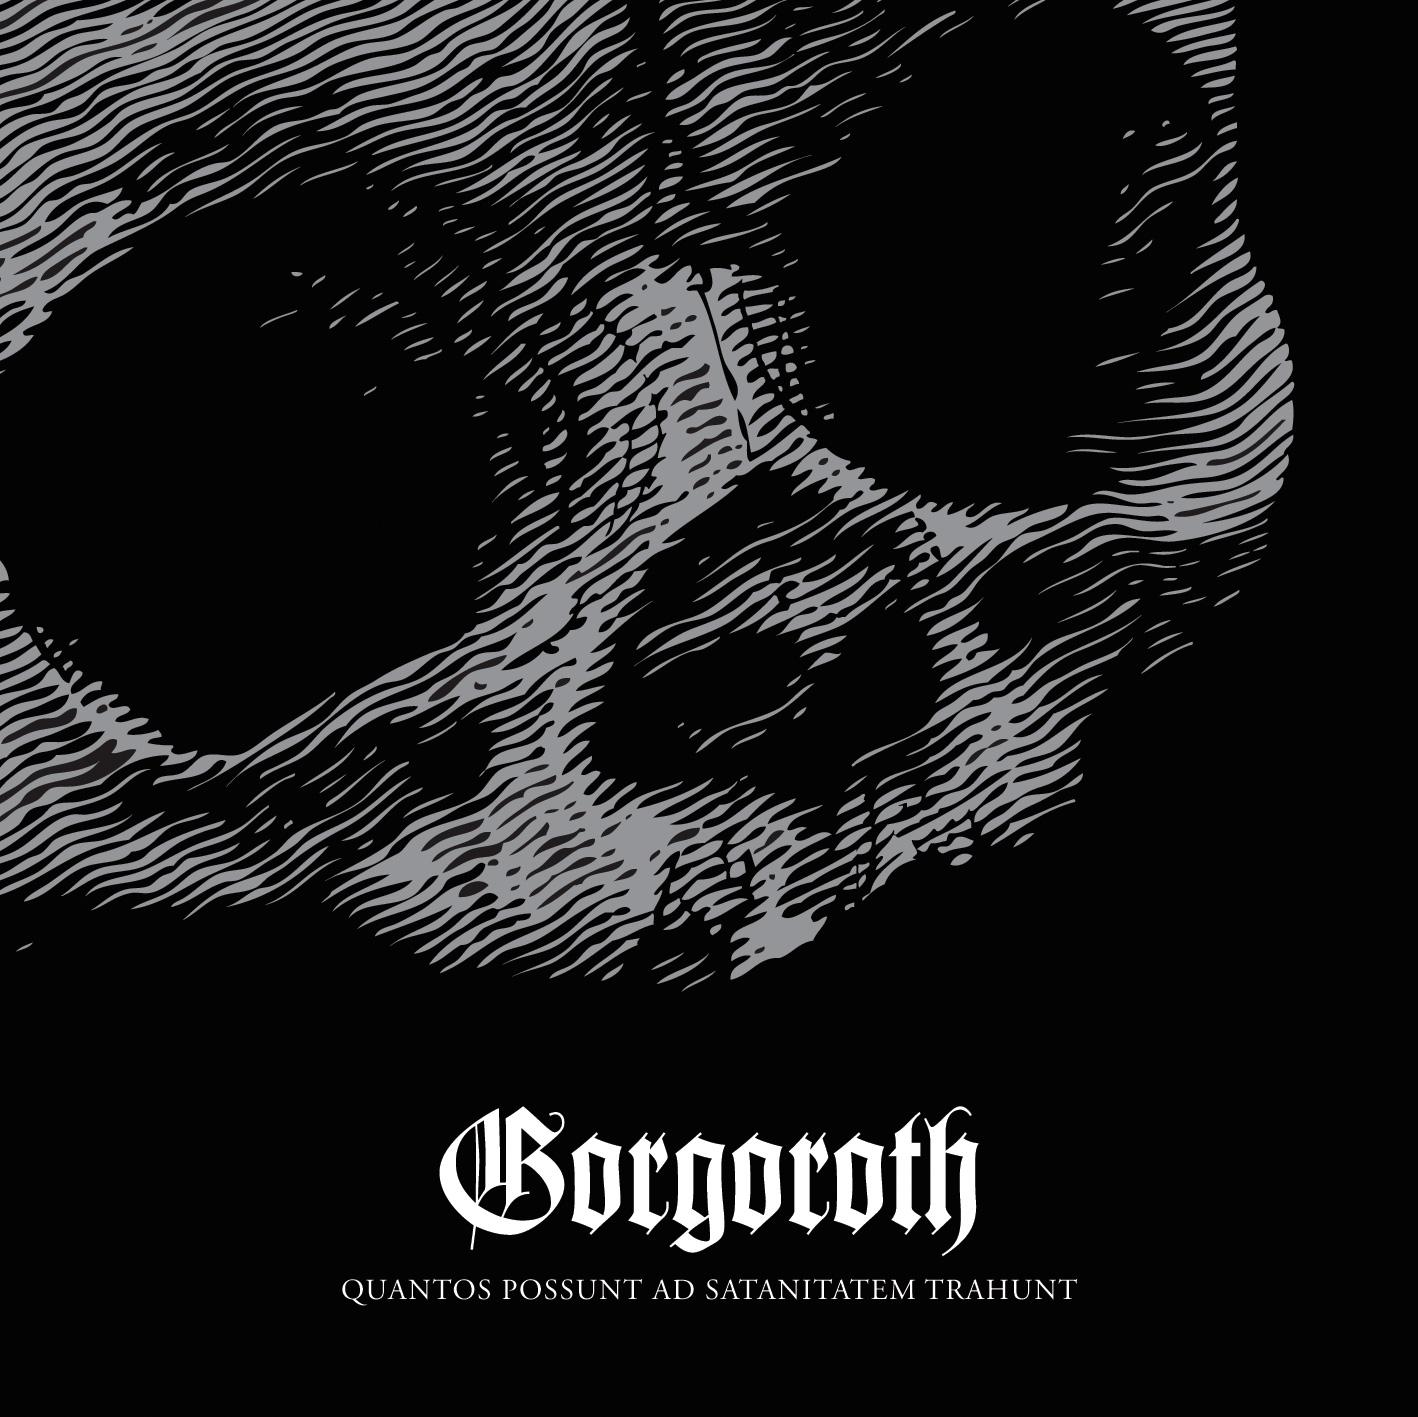 Gorgoroth – Quantos Possunt Ad Satanitatem Trahunt Review